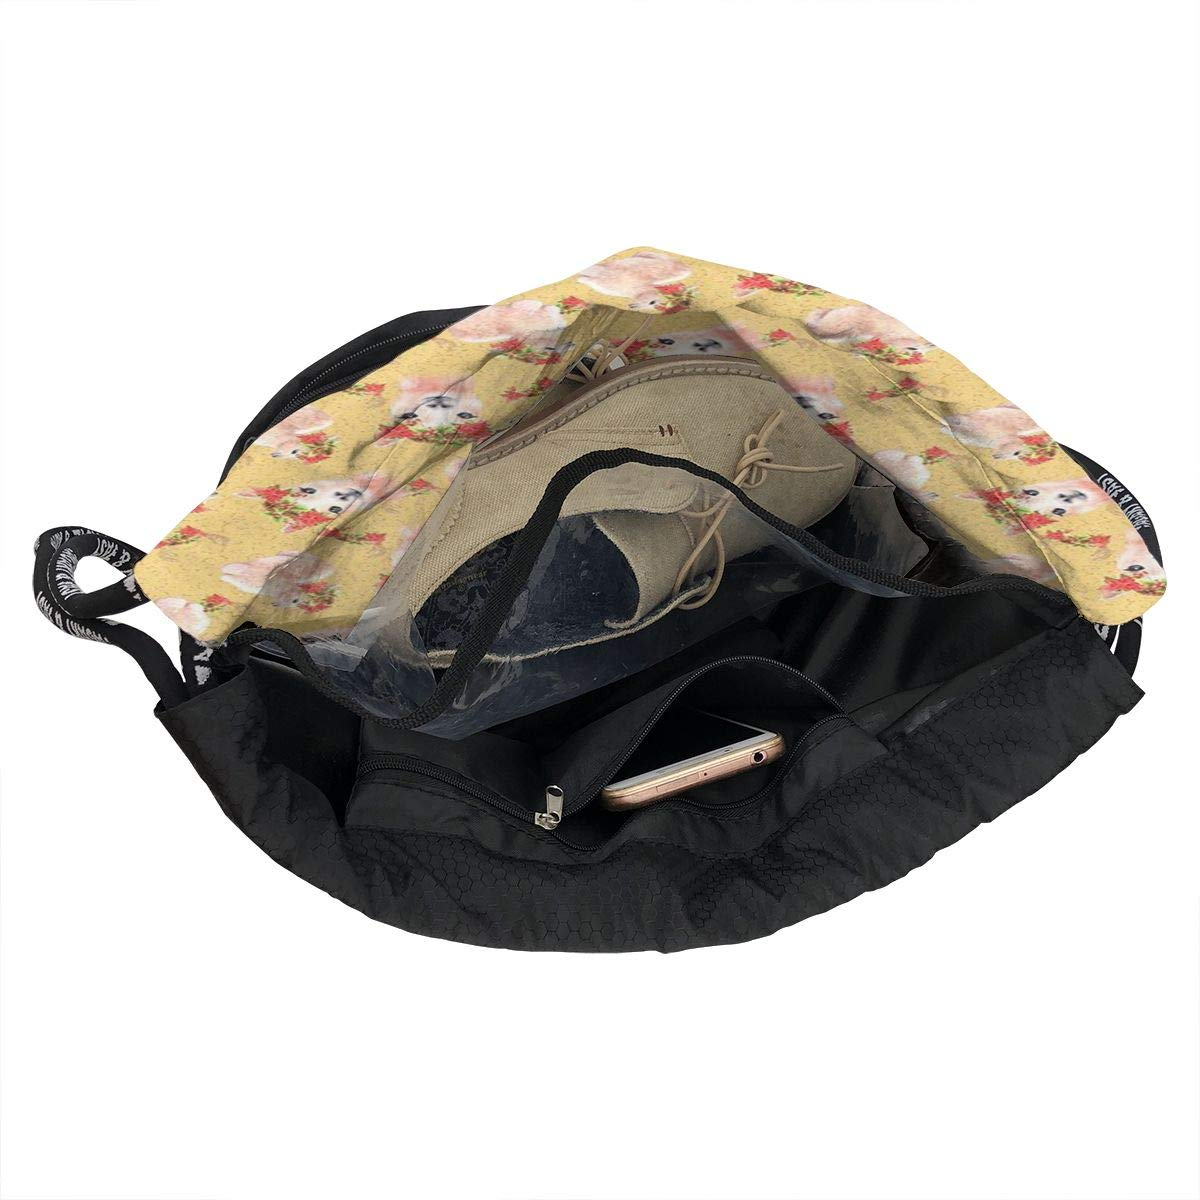 HUOPR5Q Baby Llama Drawstring Backpack Sport Gym Sack Shoulder Bulk Bag Dance Bag for School Travel